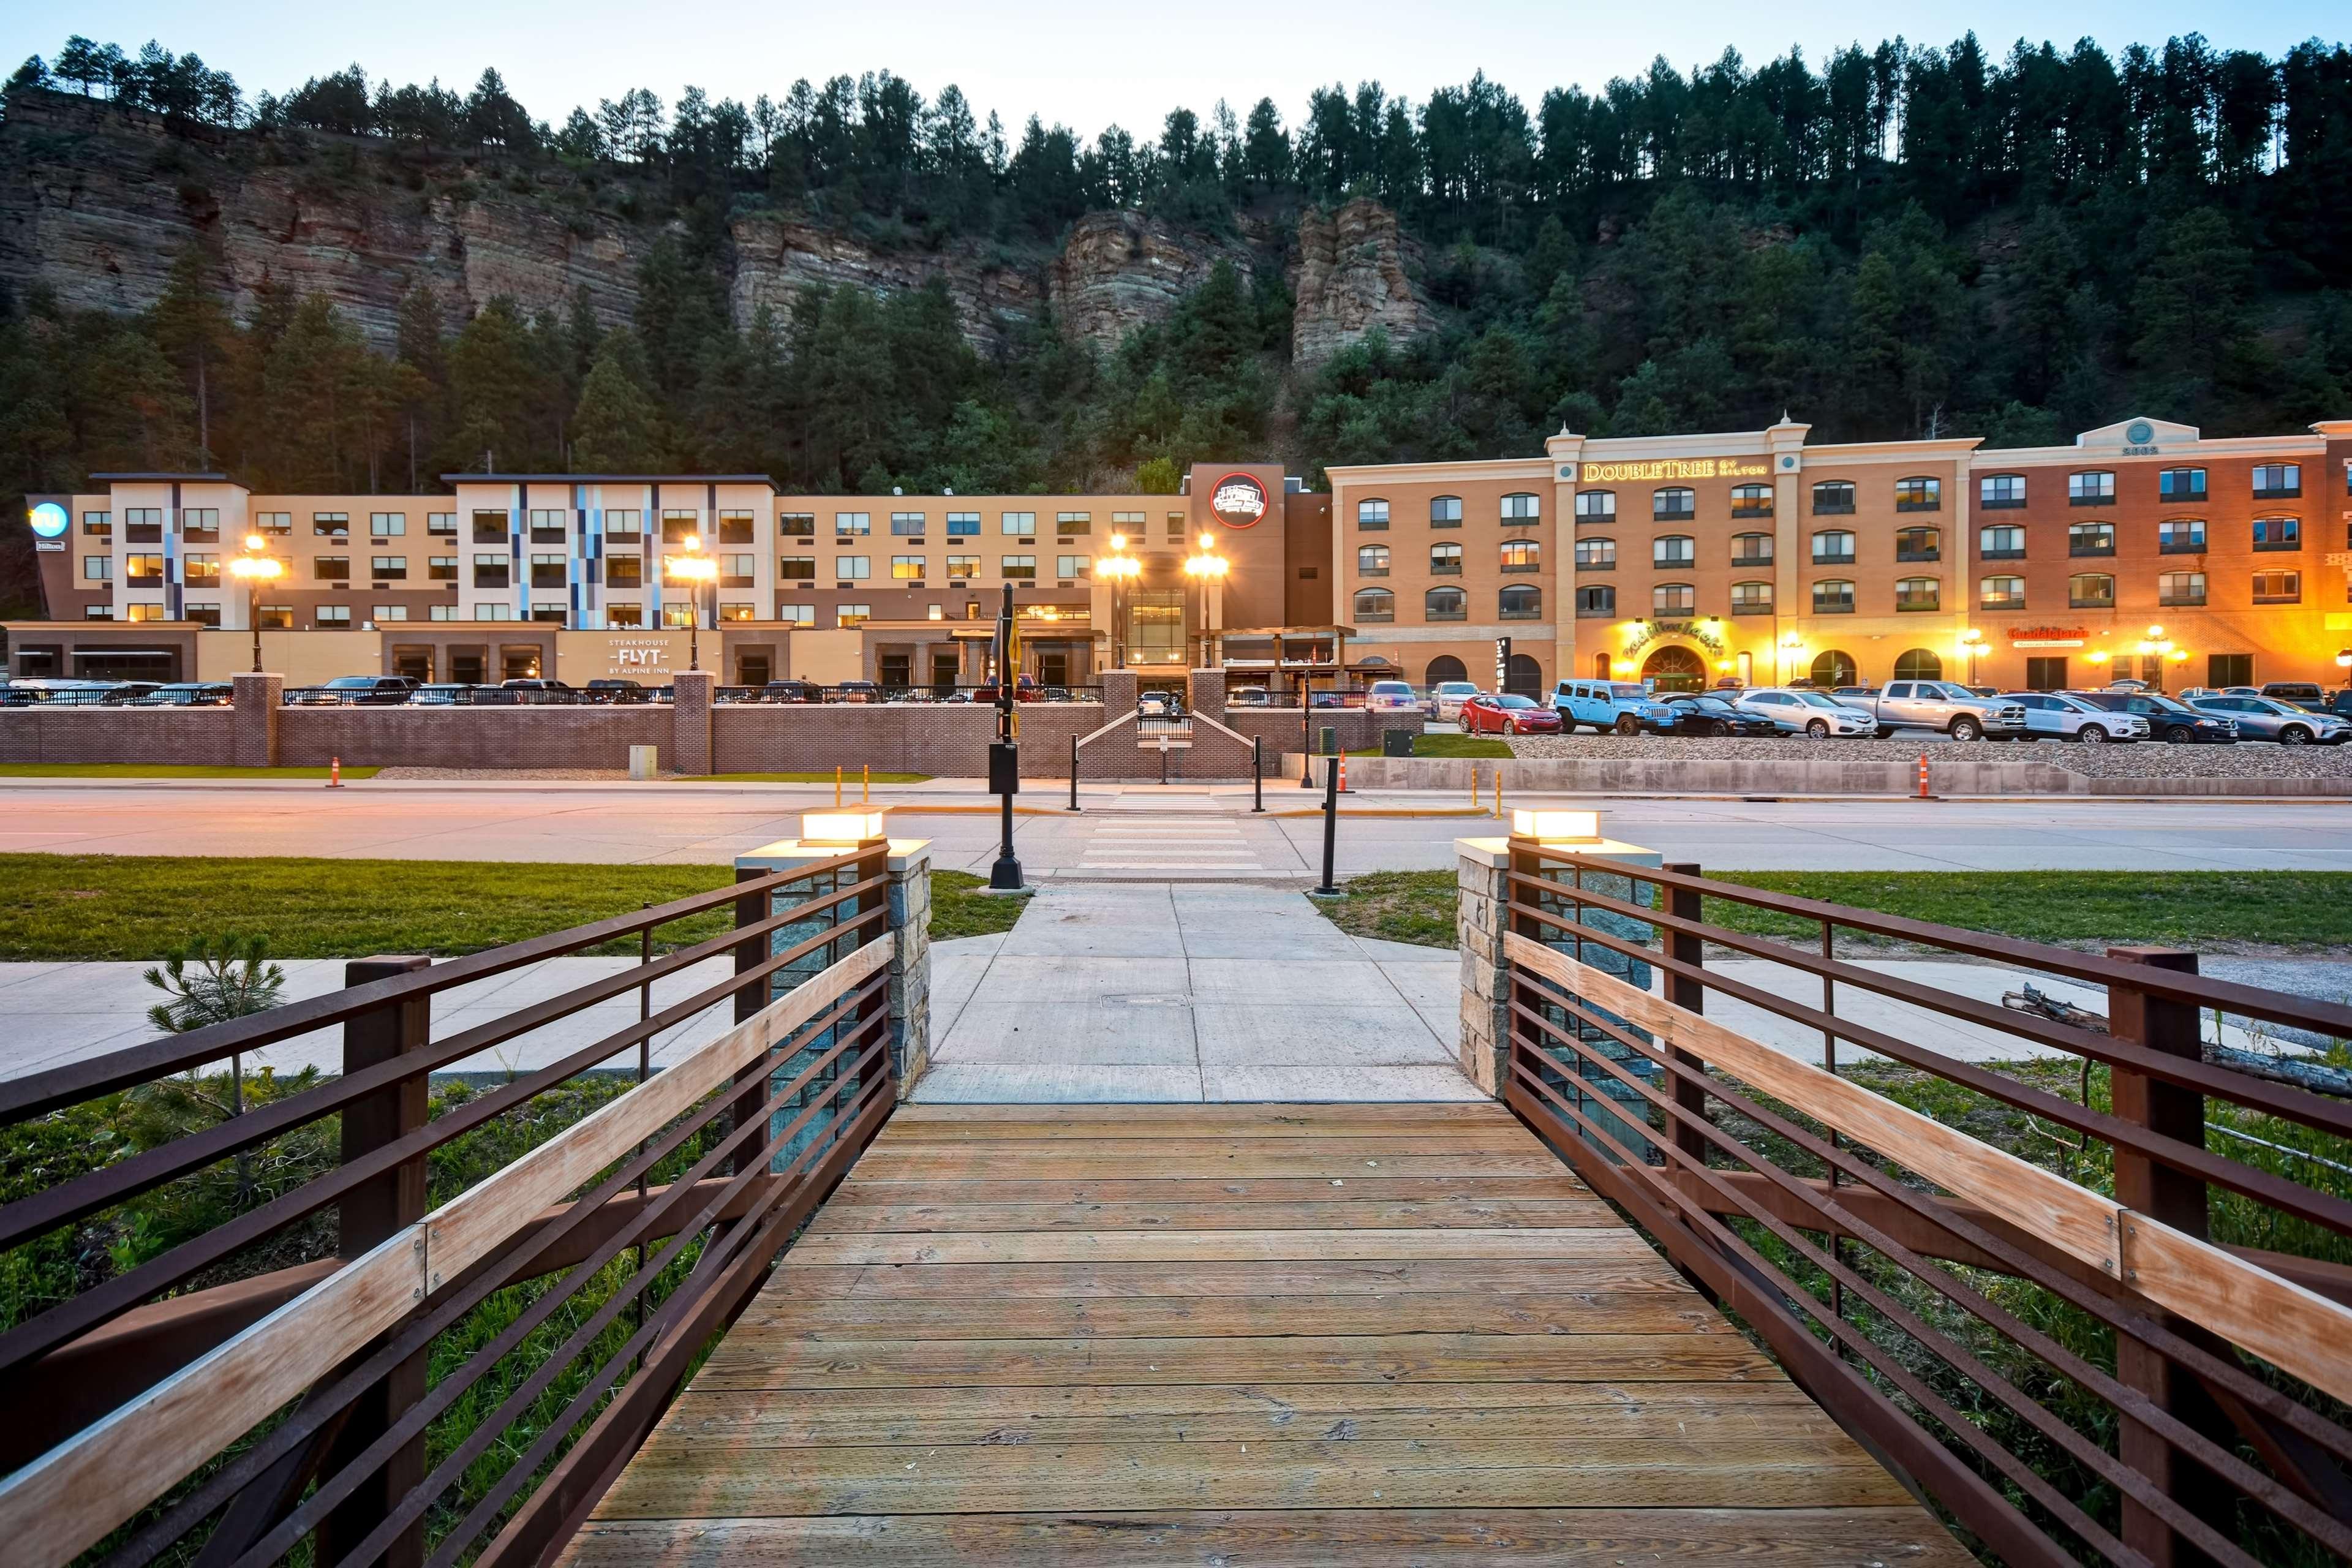 Tru by Hilton Deadwood image 6